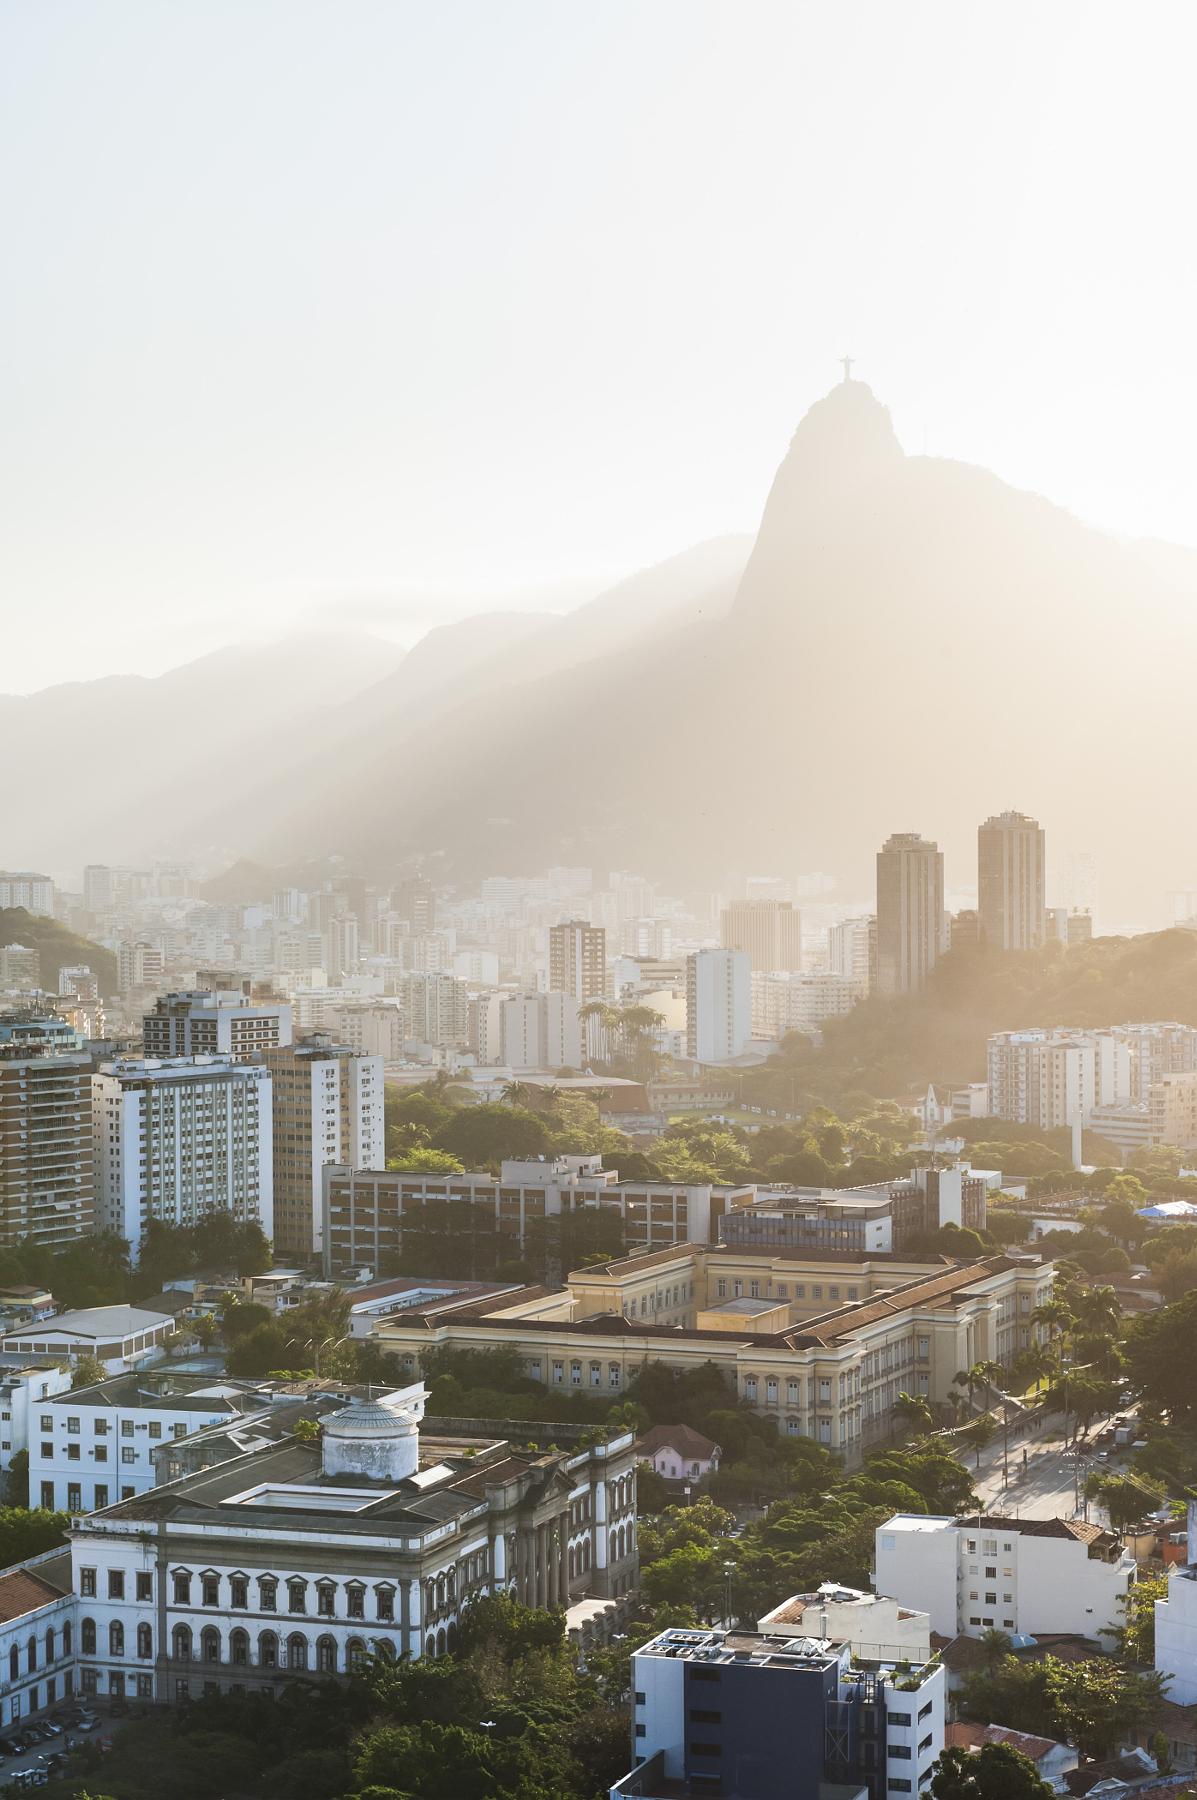 stock-photo-view-of-botofogo-with-corcovado-mountain-in-background-rio-de-janeiro-brazil-186845603.jpg